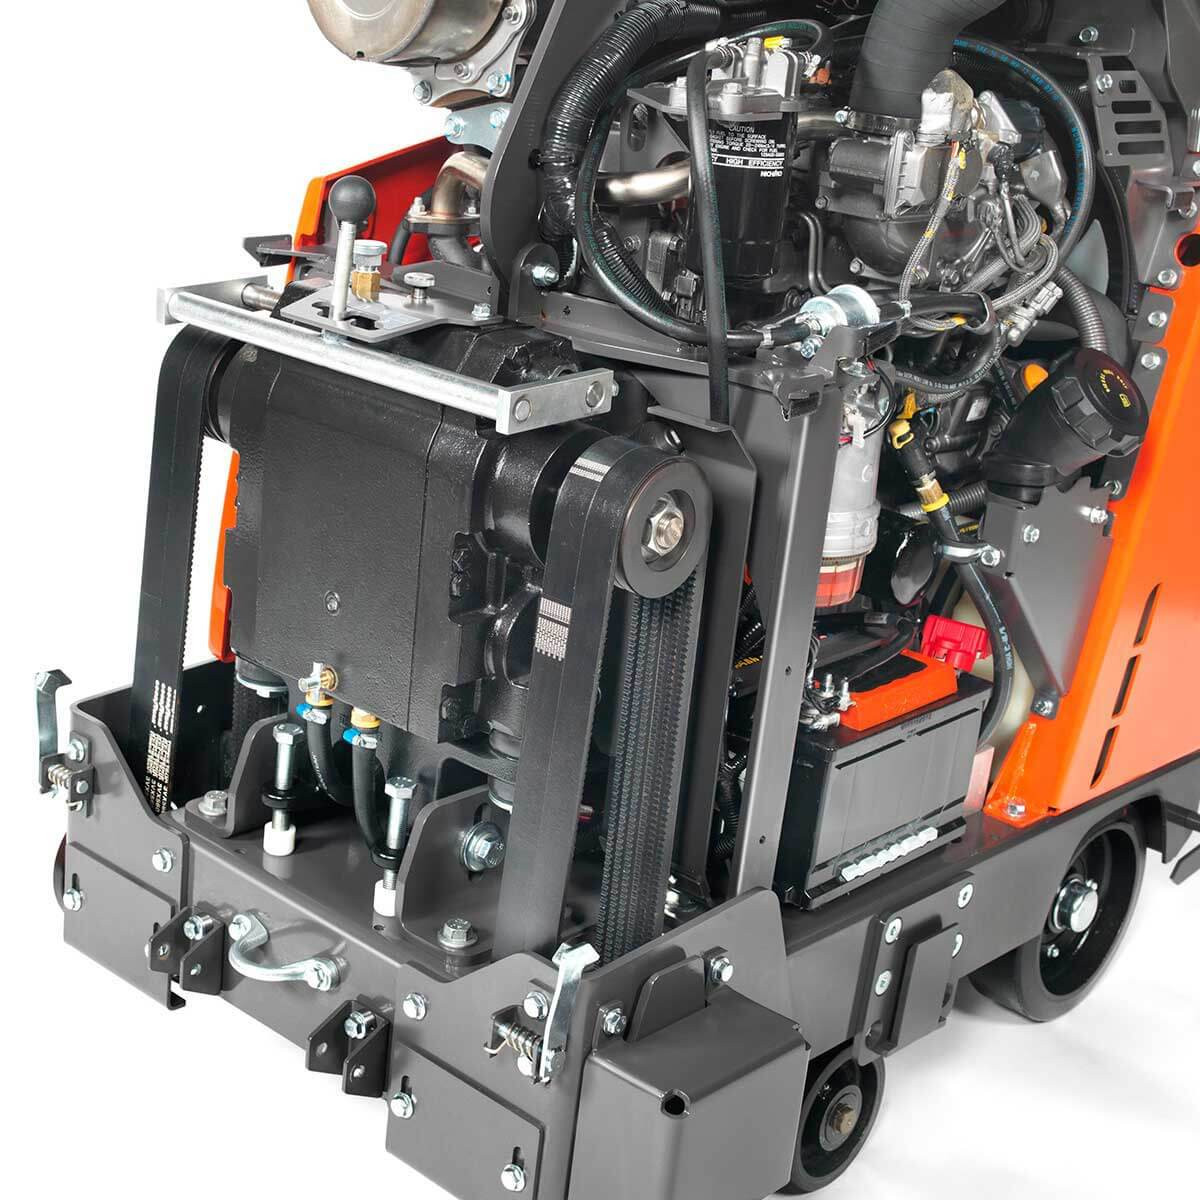 Husqvarna FS 5000 D transmission